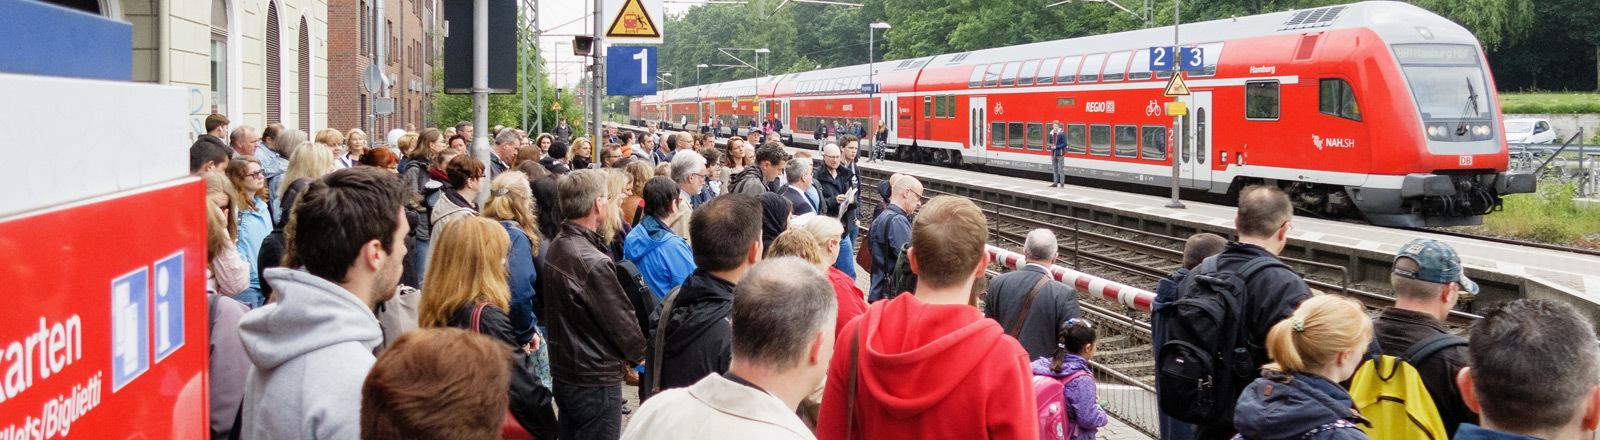 Pendler warten an einem Bahnsteig auf einen Regionalzug.